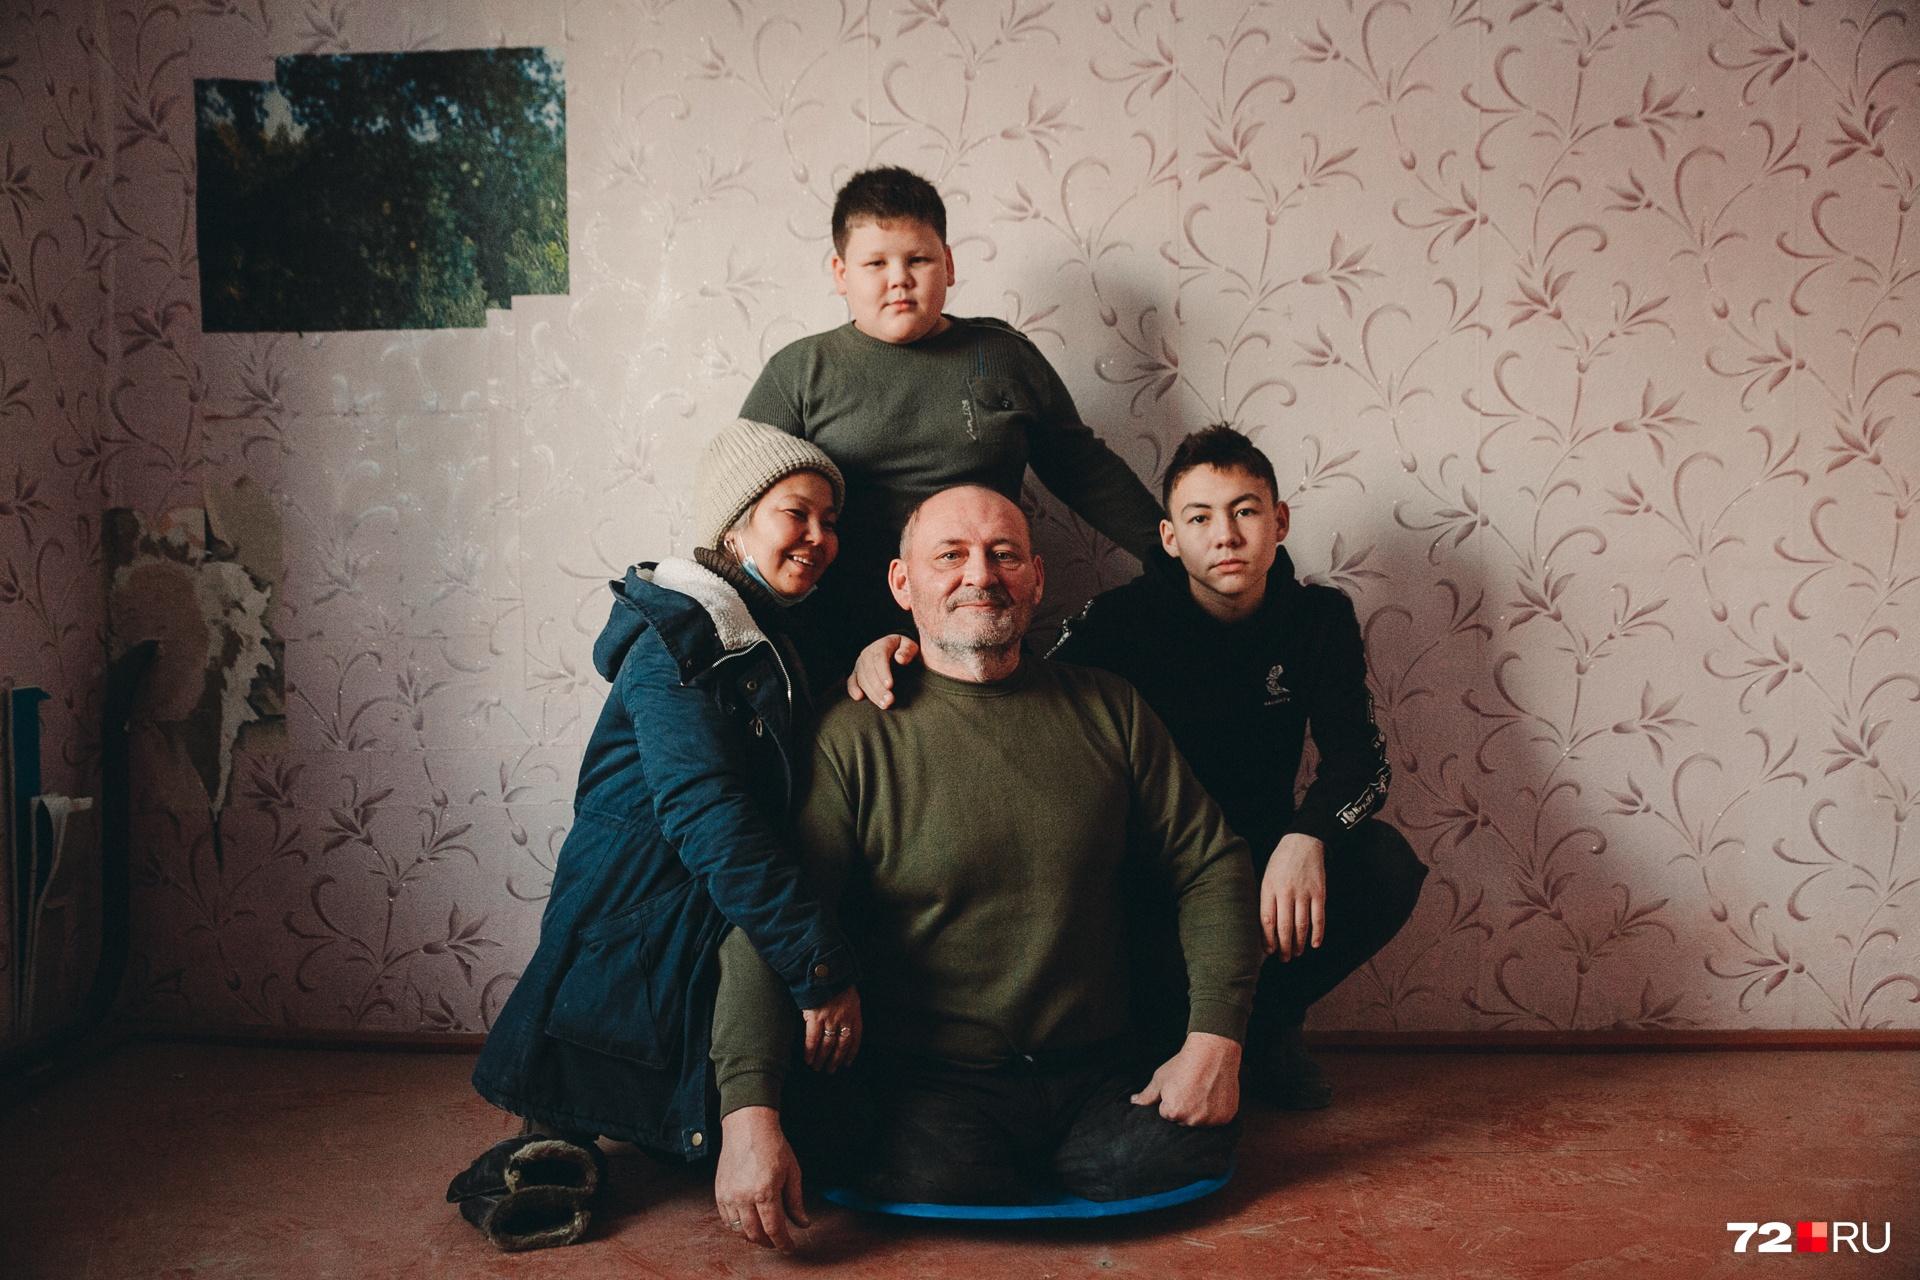 Во главе семьи — безногий Павел Васькин, фигурант двух уголовных дел. Для кого-то он не очень честный человек. Но для своих сыновей был и остается любимым отцом. Супруга тоже до конца поддерживает мужа